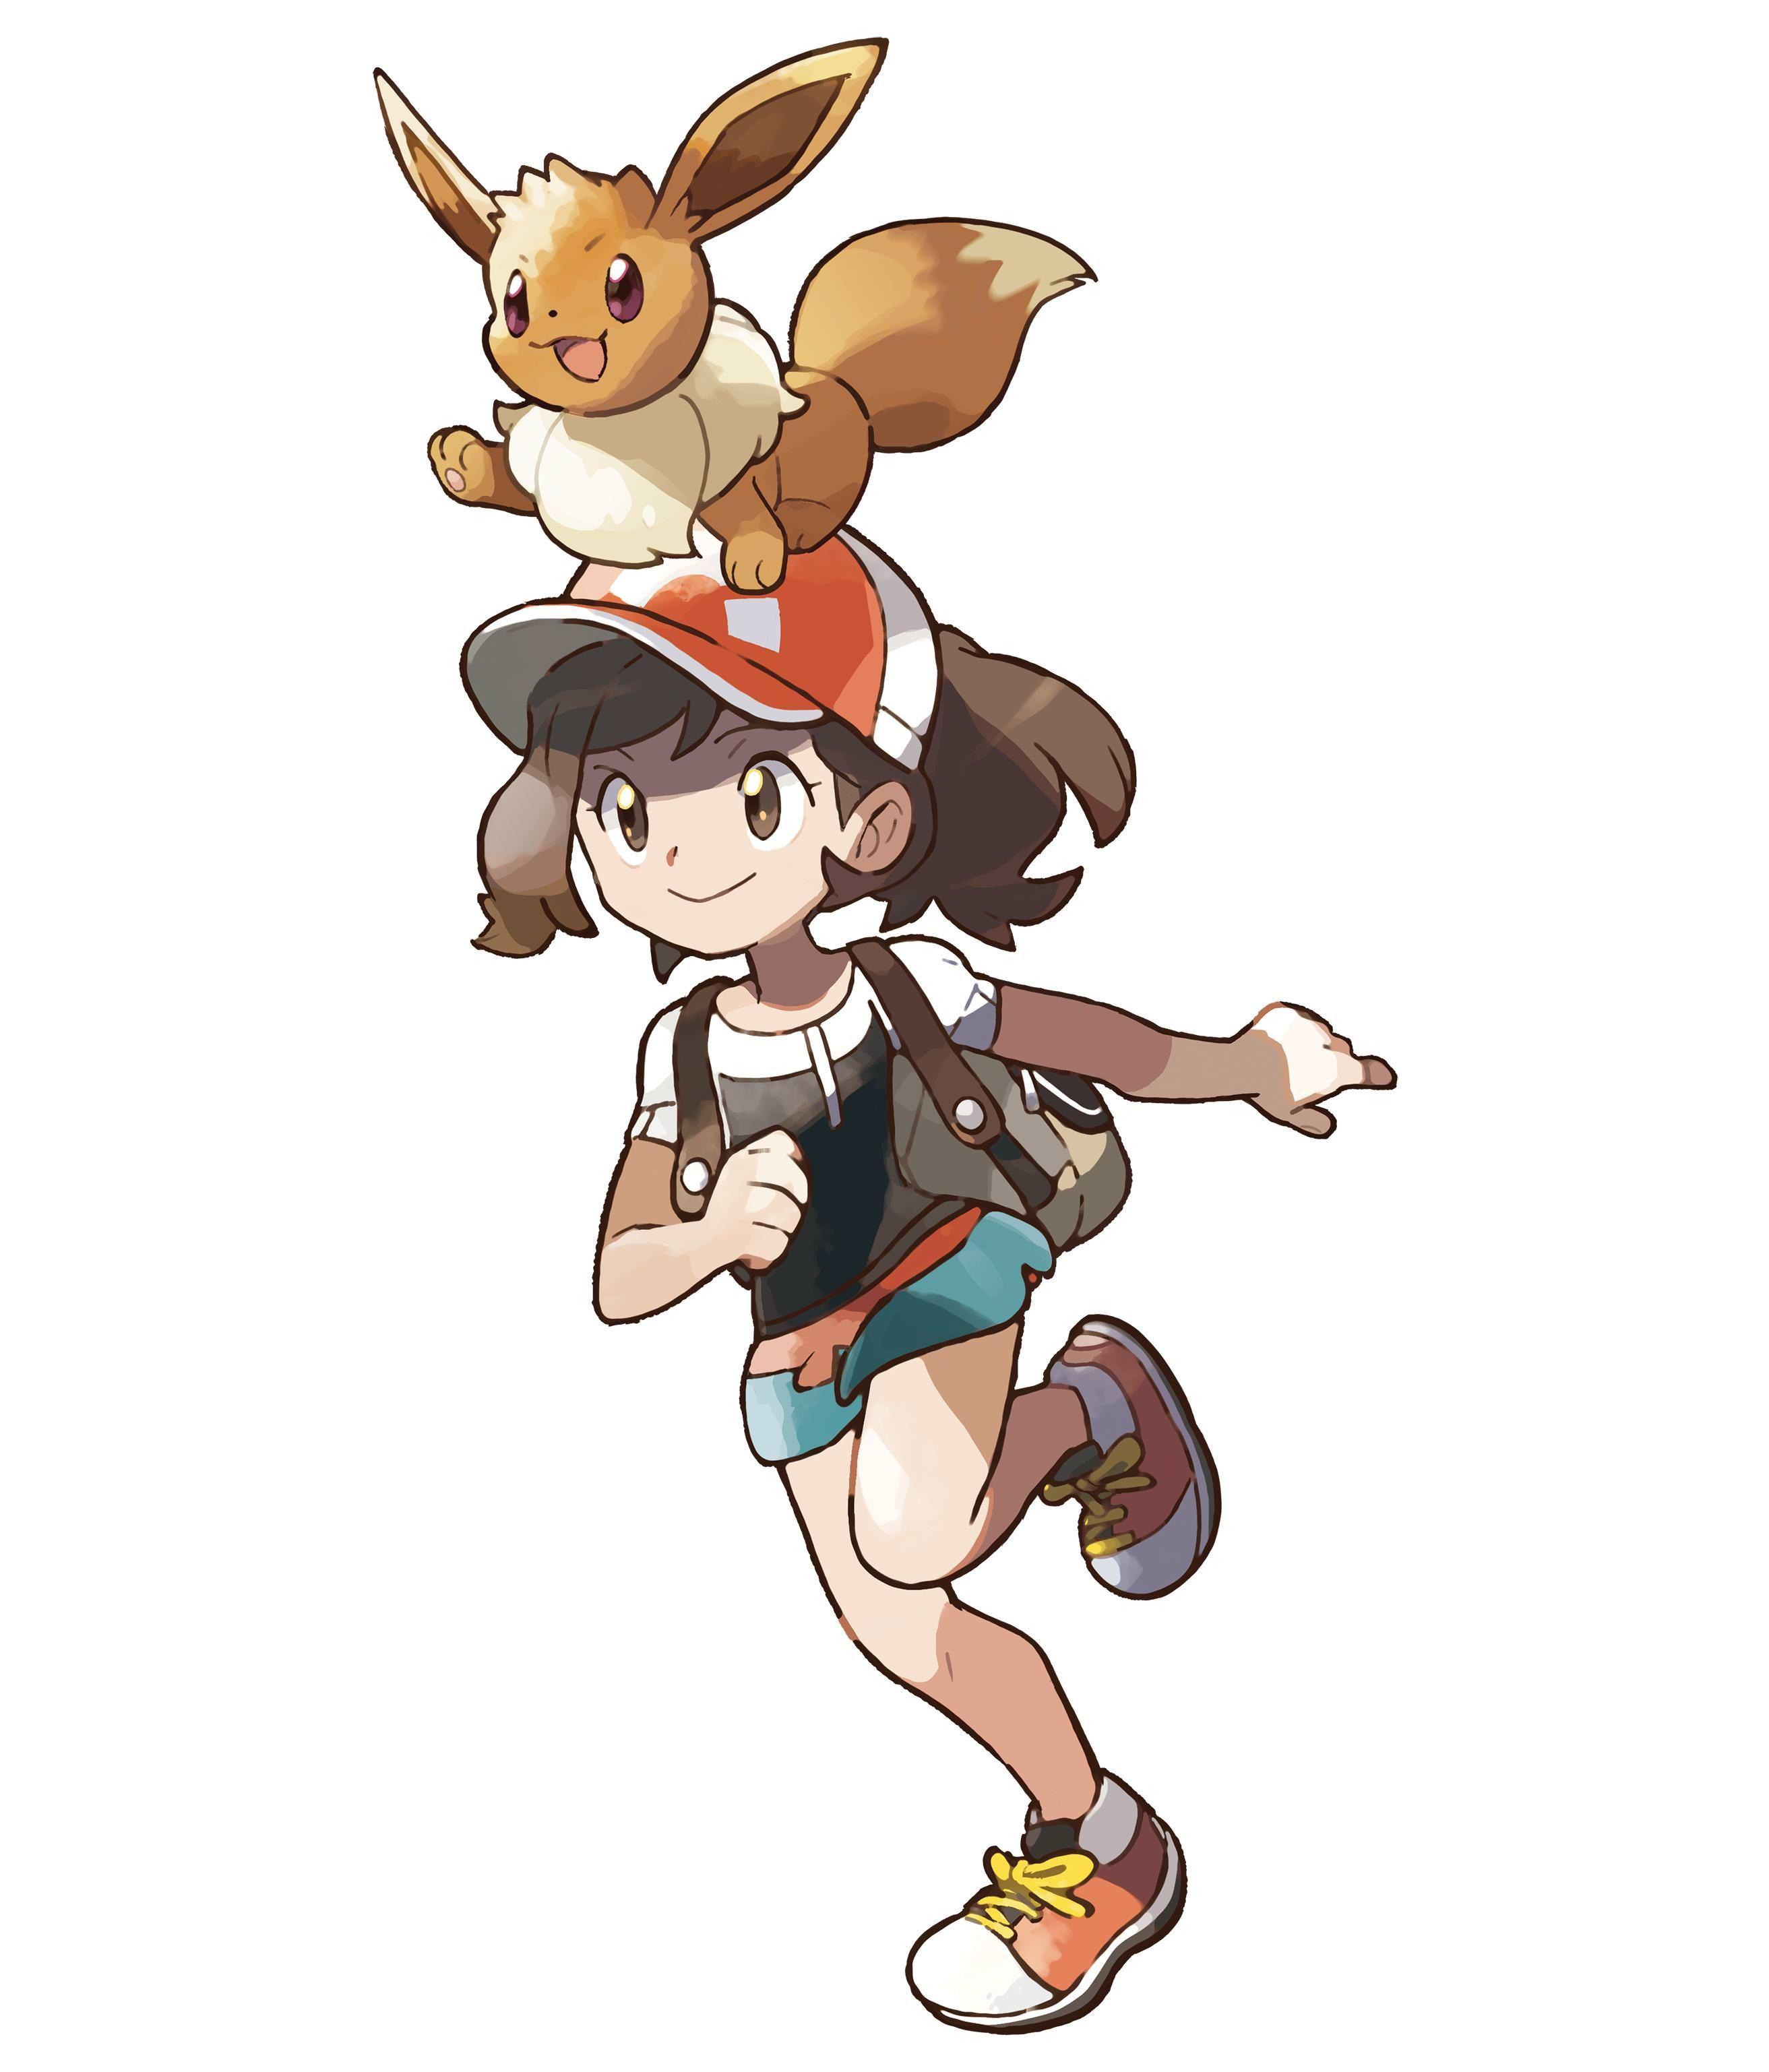 Pokemon Let S Go Pikachu Y Let S Go Eevee Anunciados Para Nintendo